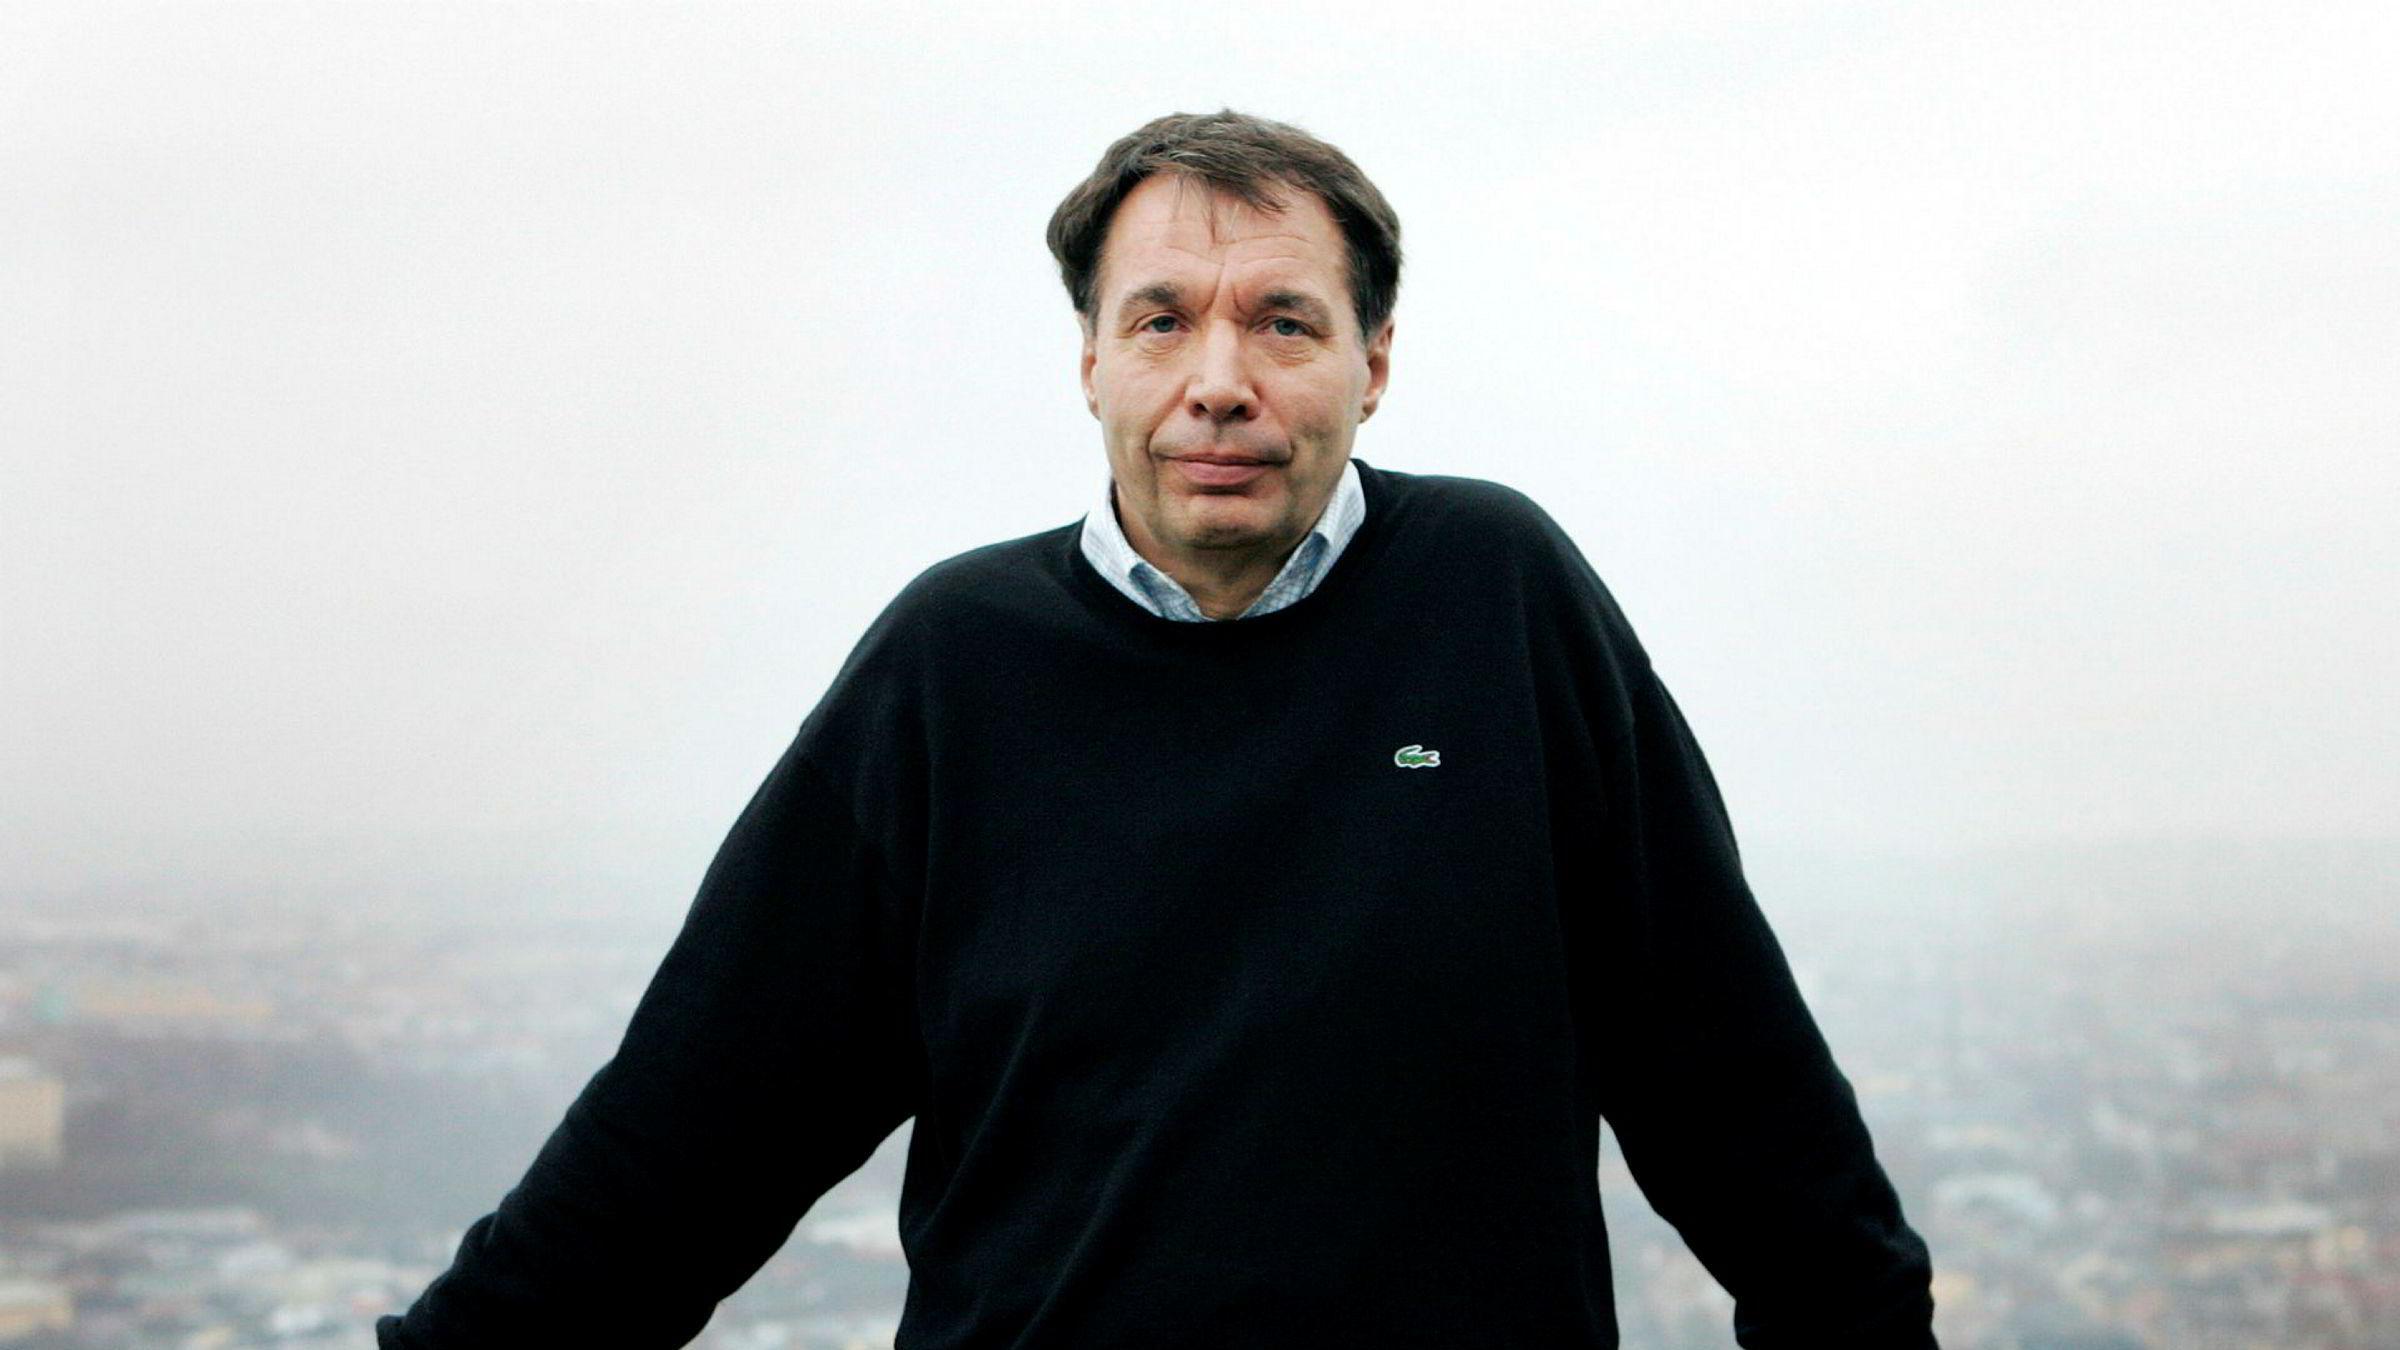 Lars Wenaas kjøper stadig flere storhoteller i europeiske storbyer og sitter nå etter egne beregninger på en verdijustert egenkapital på 15,8 milliarder kroner.